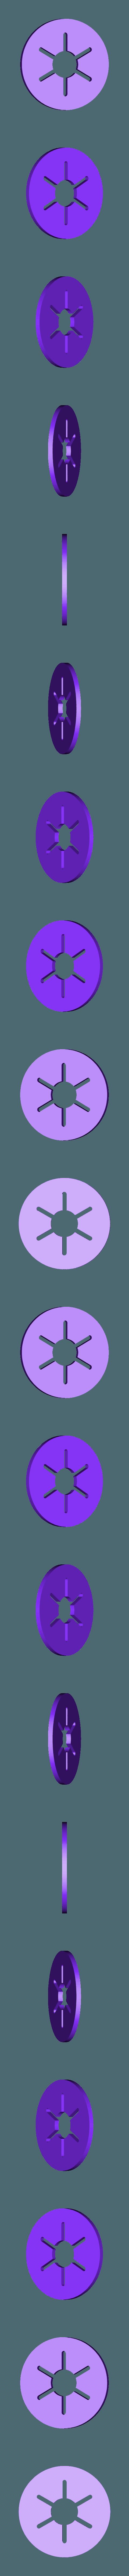 Piston_Washer_x6.stl Télécharger fichier STL gratuit Moteur pneumatique radial simple • Modèle pour imprimante 3D, Slava_Z